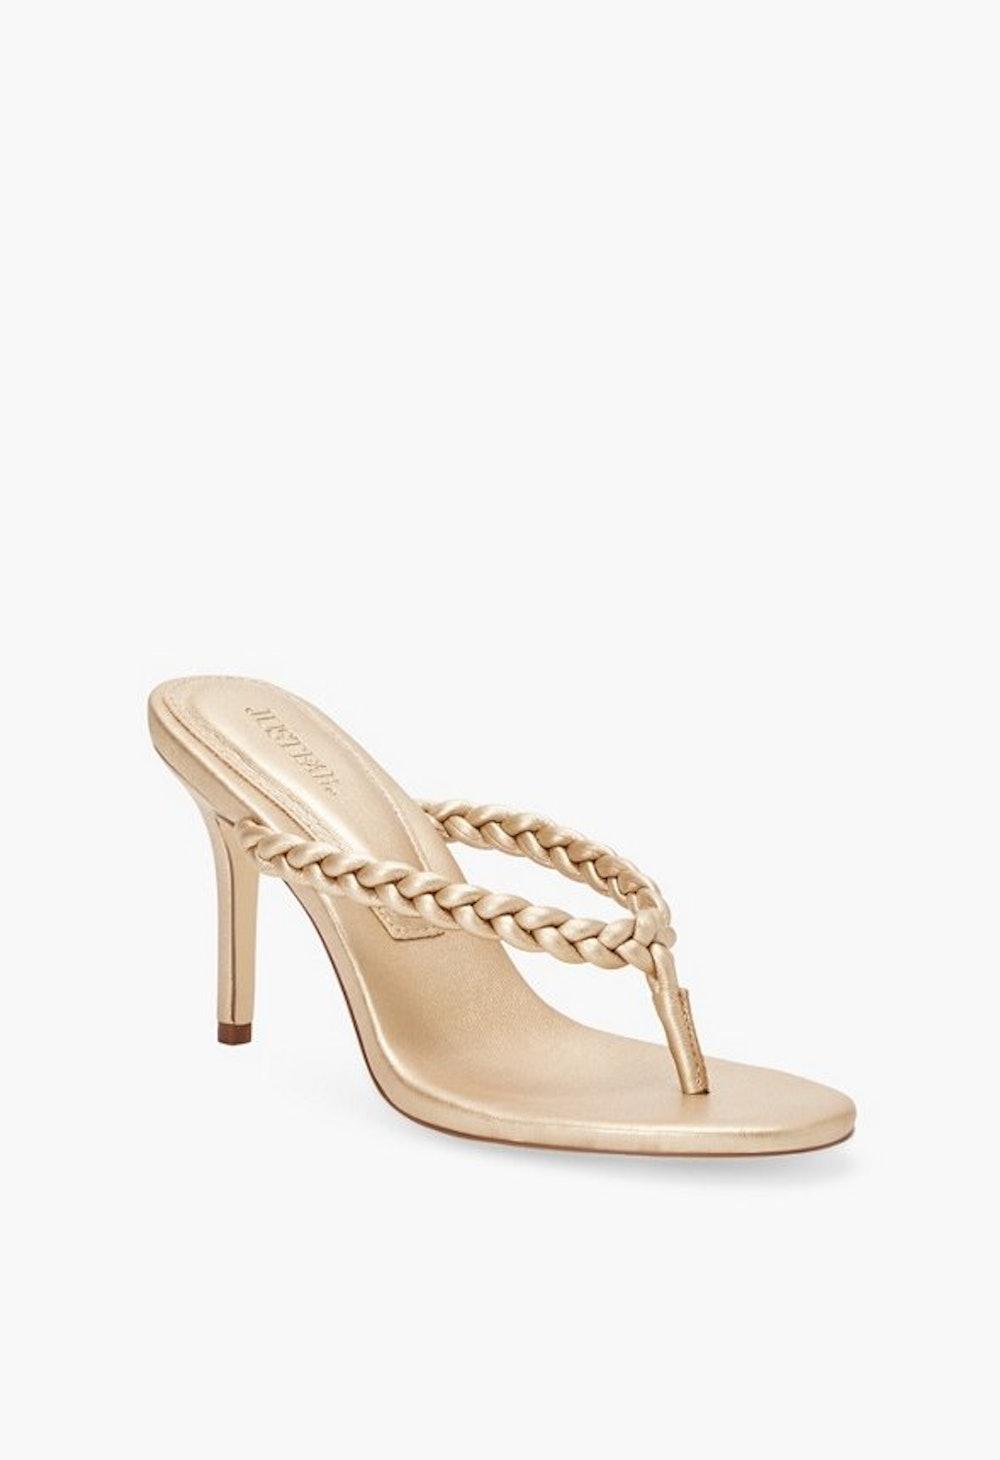 Robynne Braided Mule Sandal